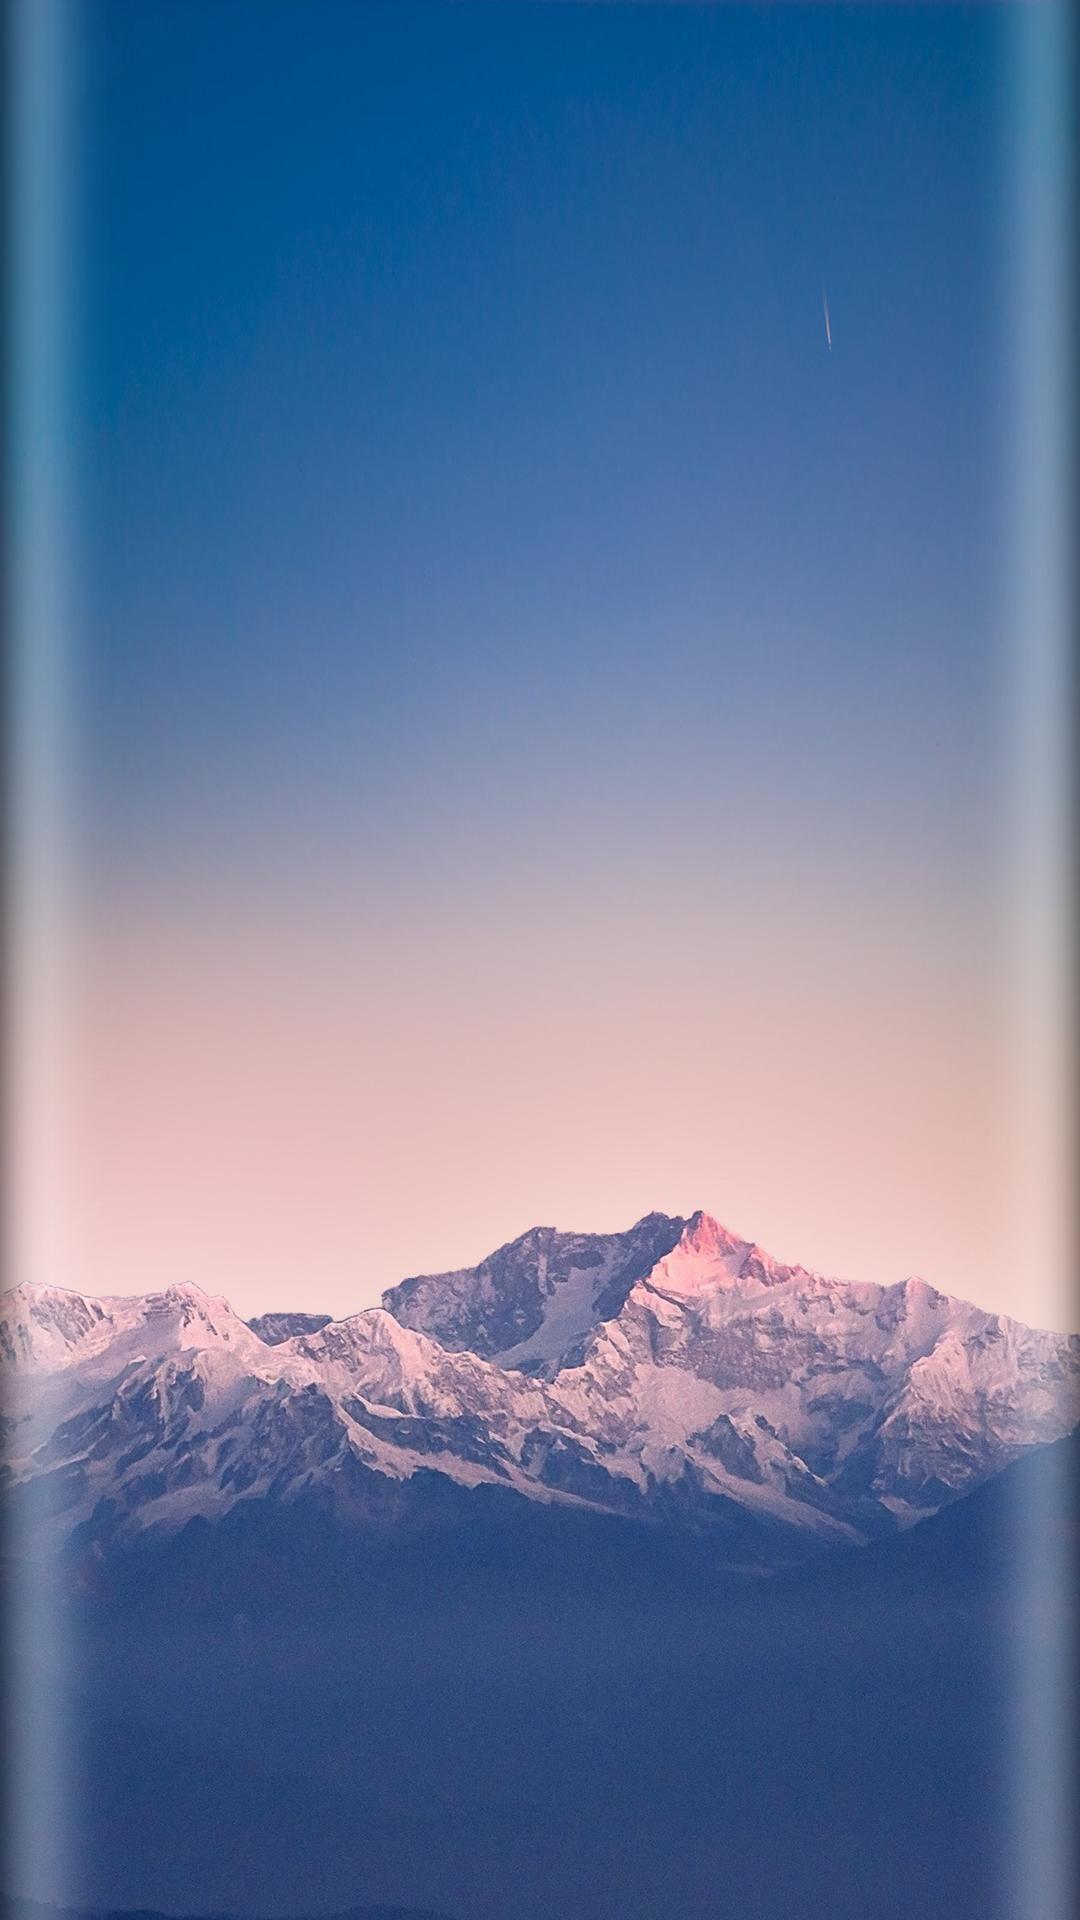 Iphone 10 Wallpaper Winter - HD Wallpaper